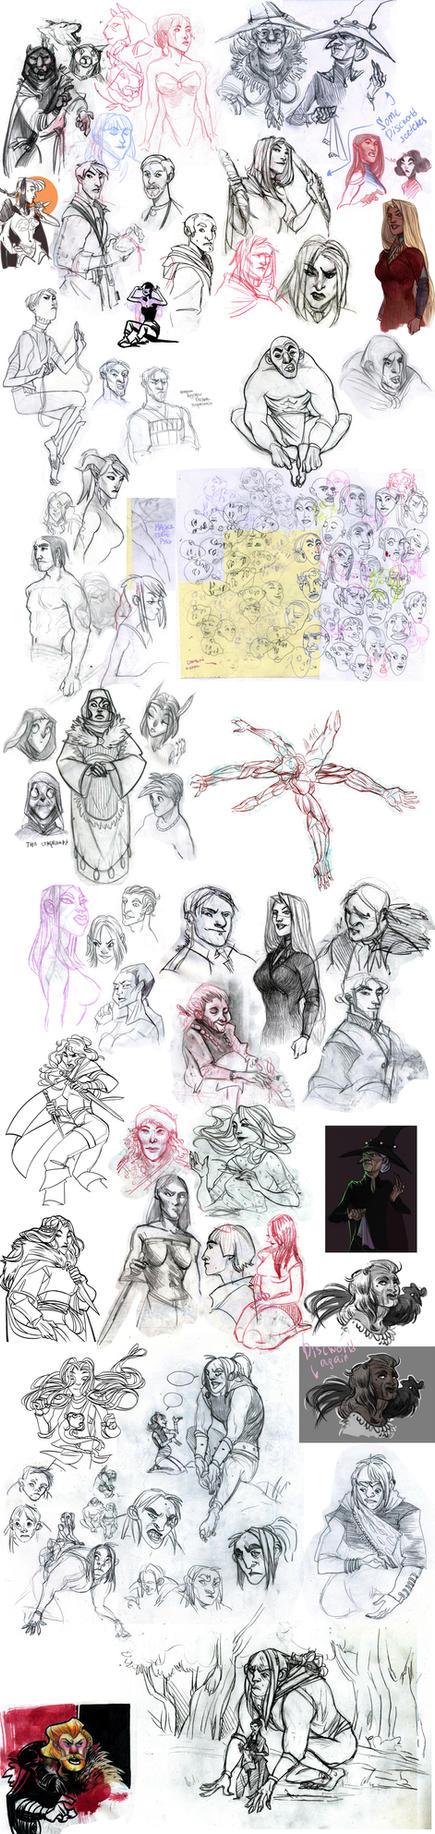 sketchdump 32 by Ne-sy